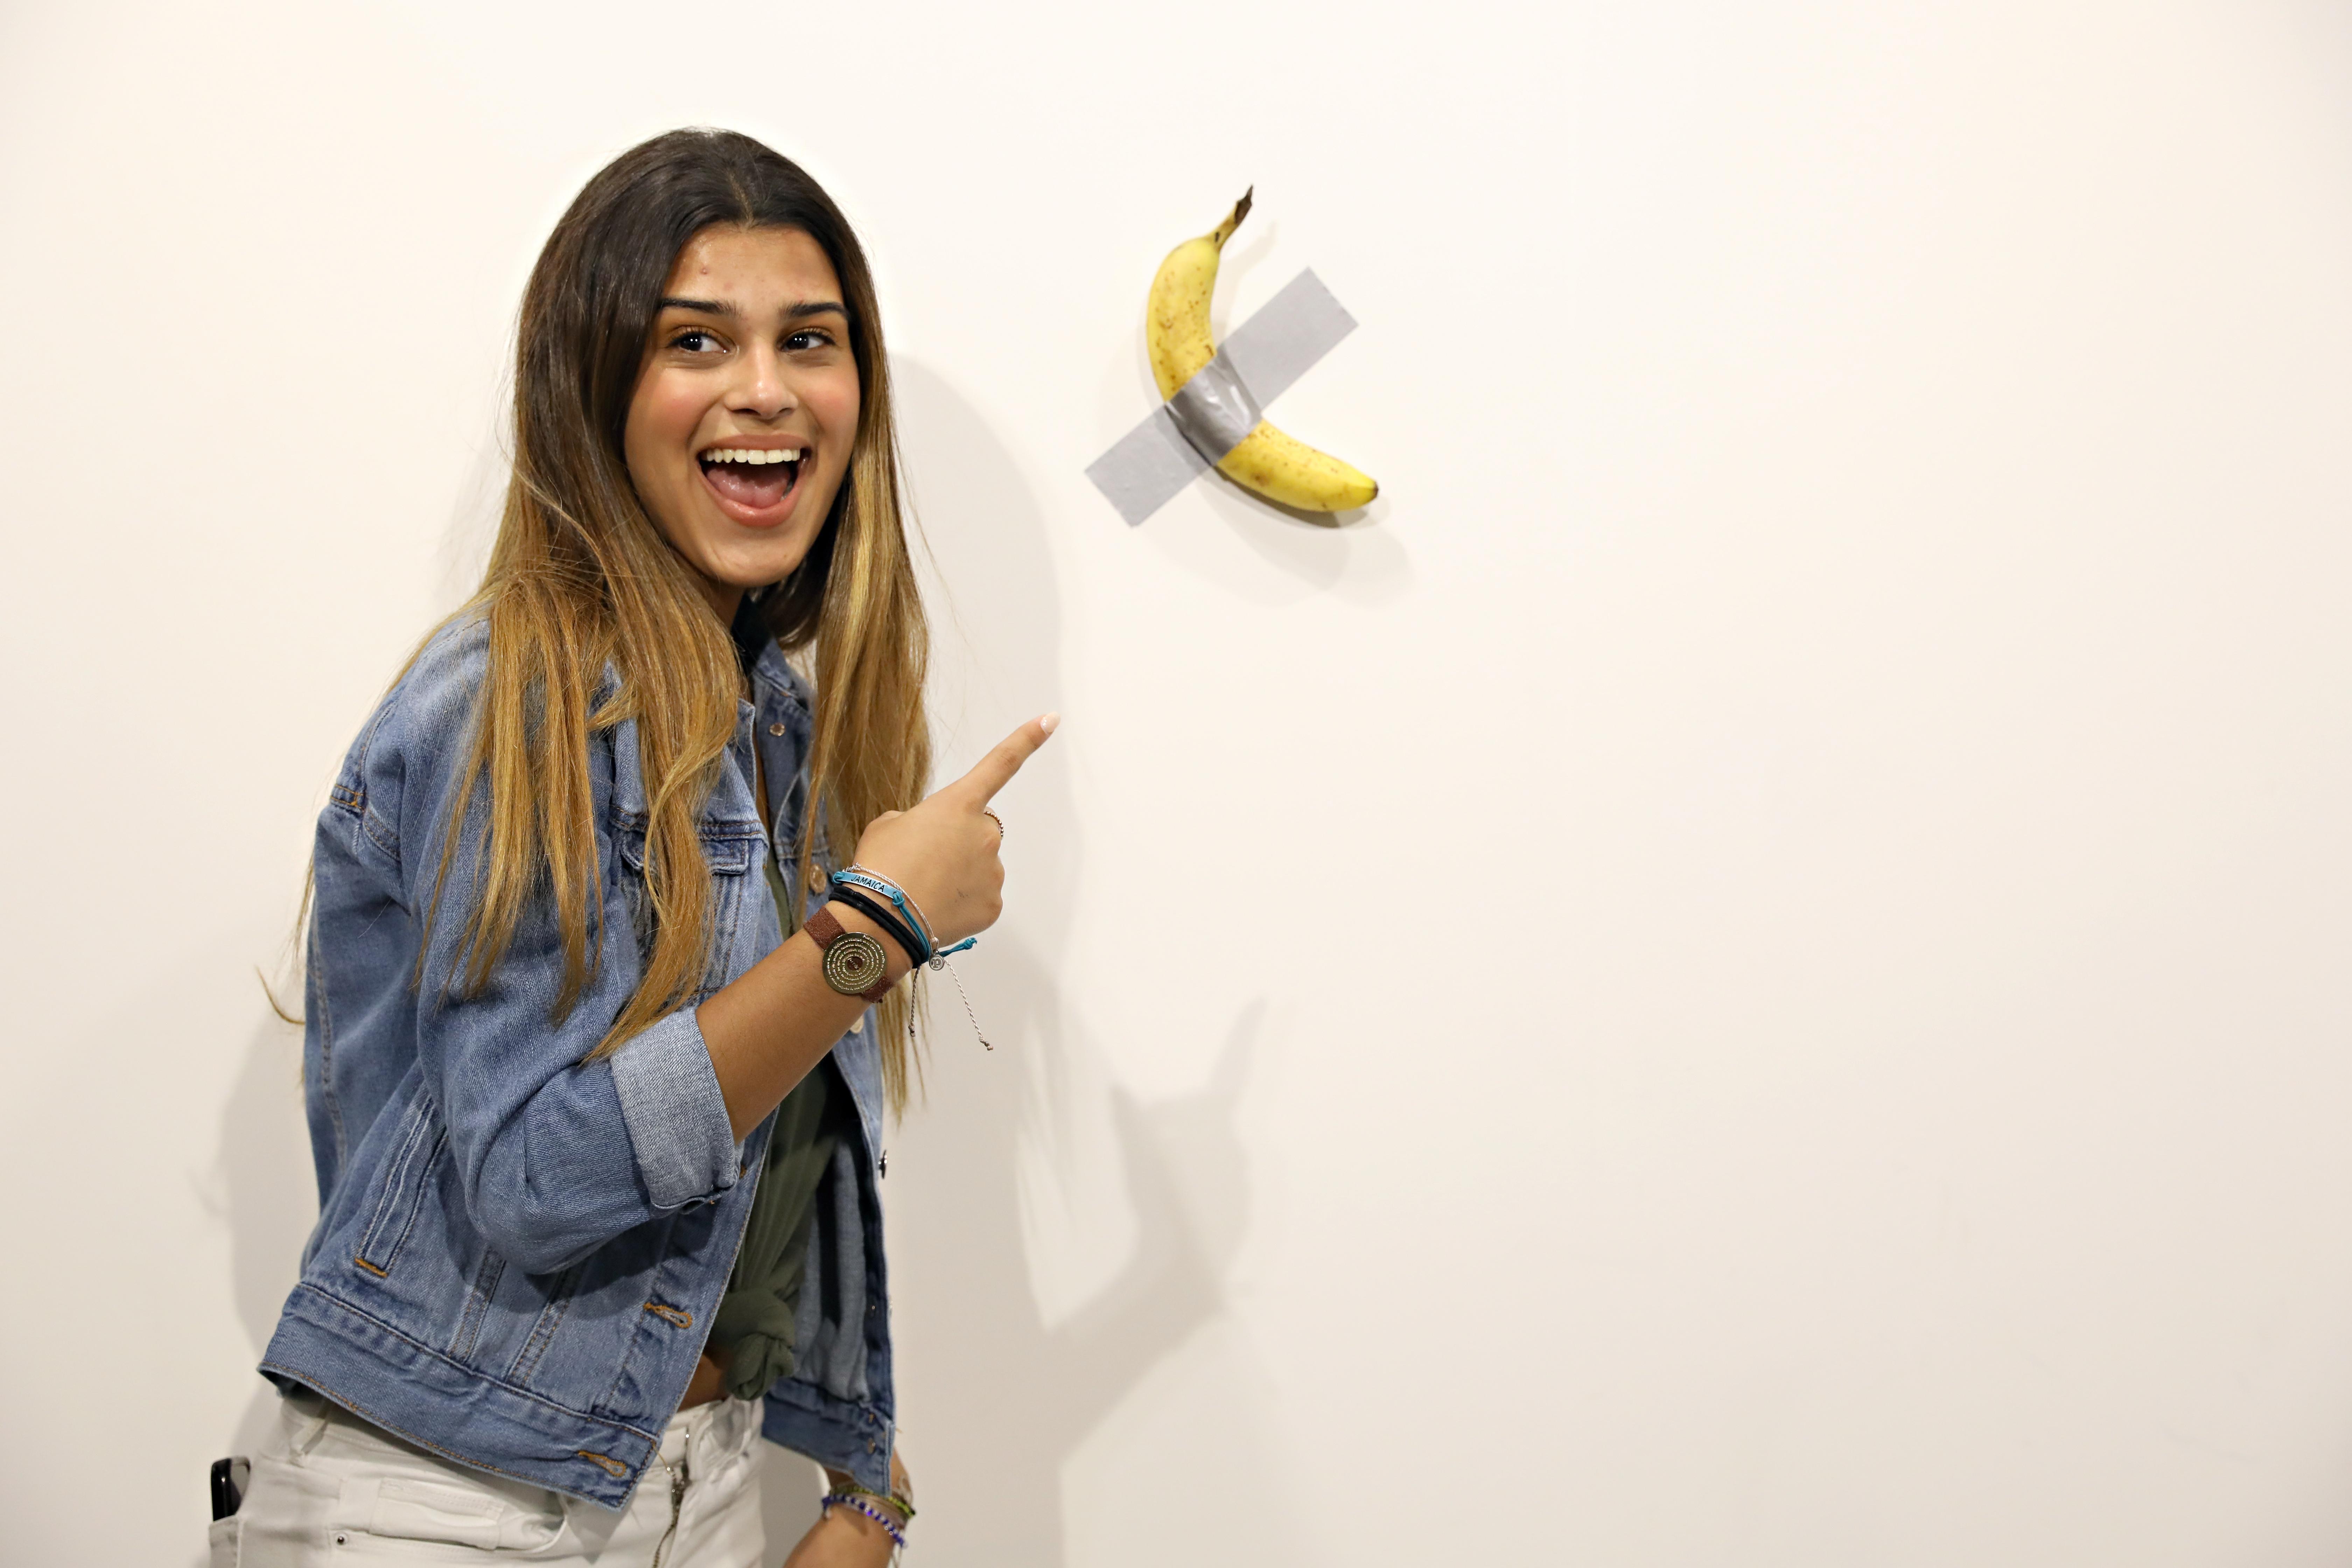 Fogta magát, és a galéria kellős közepén befalta a 120 ezer dolláros banánt